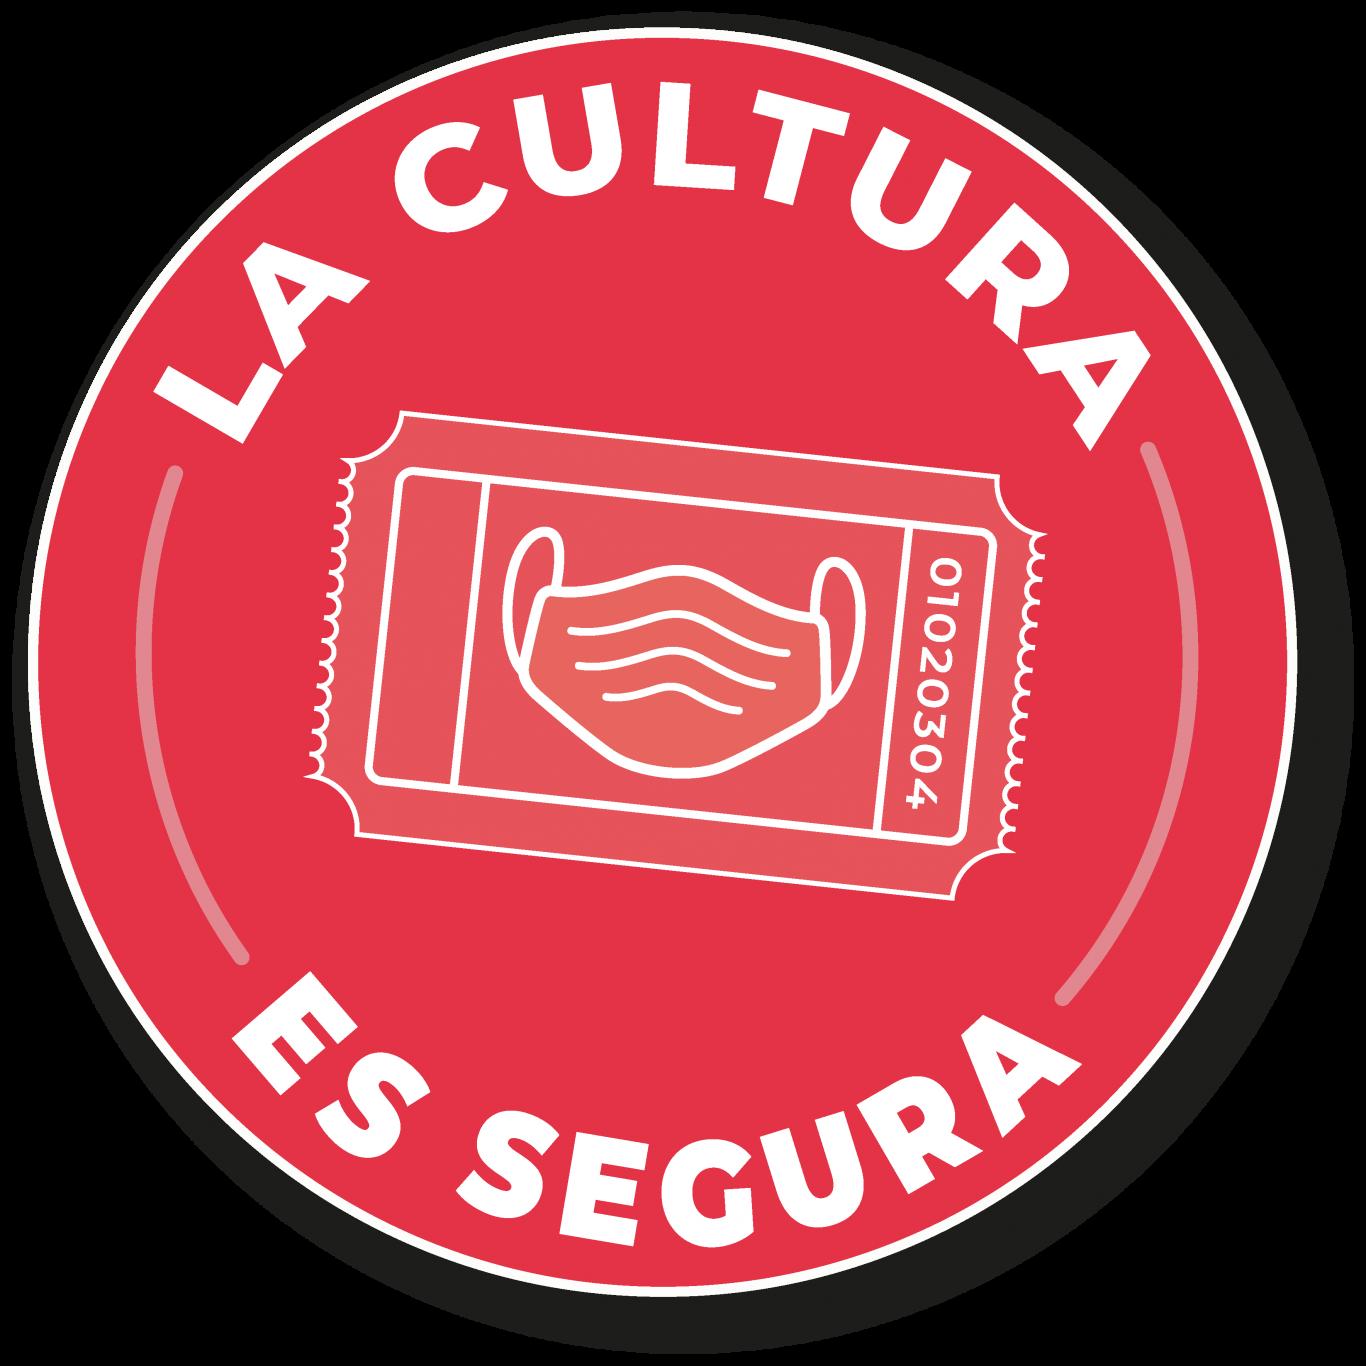 Logo en rojo de la Cultura es Segura